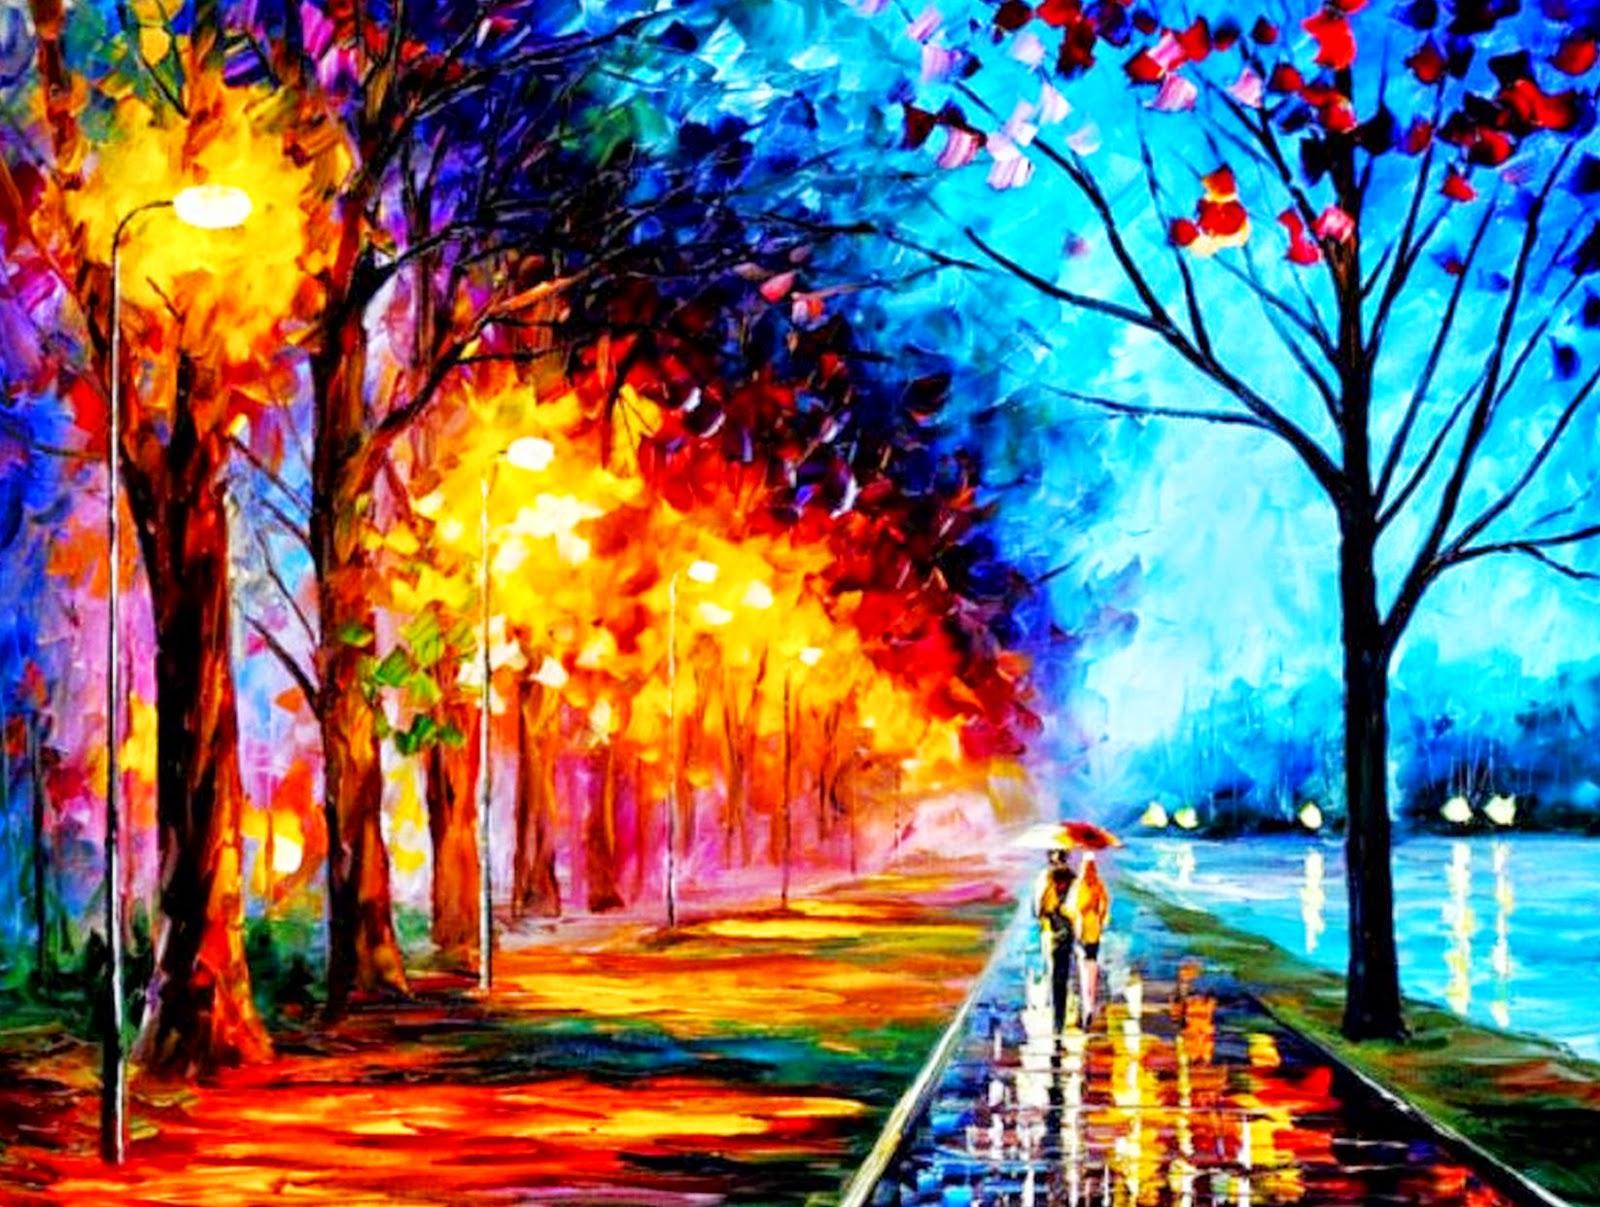 Cuadros modernos pinturas y dibujos hermosas imagenes - Cuadros modernos faciles de pintar ...